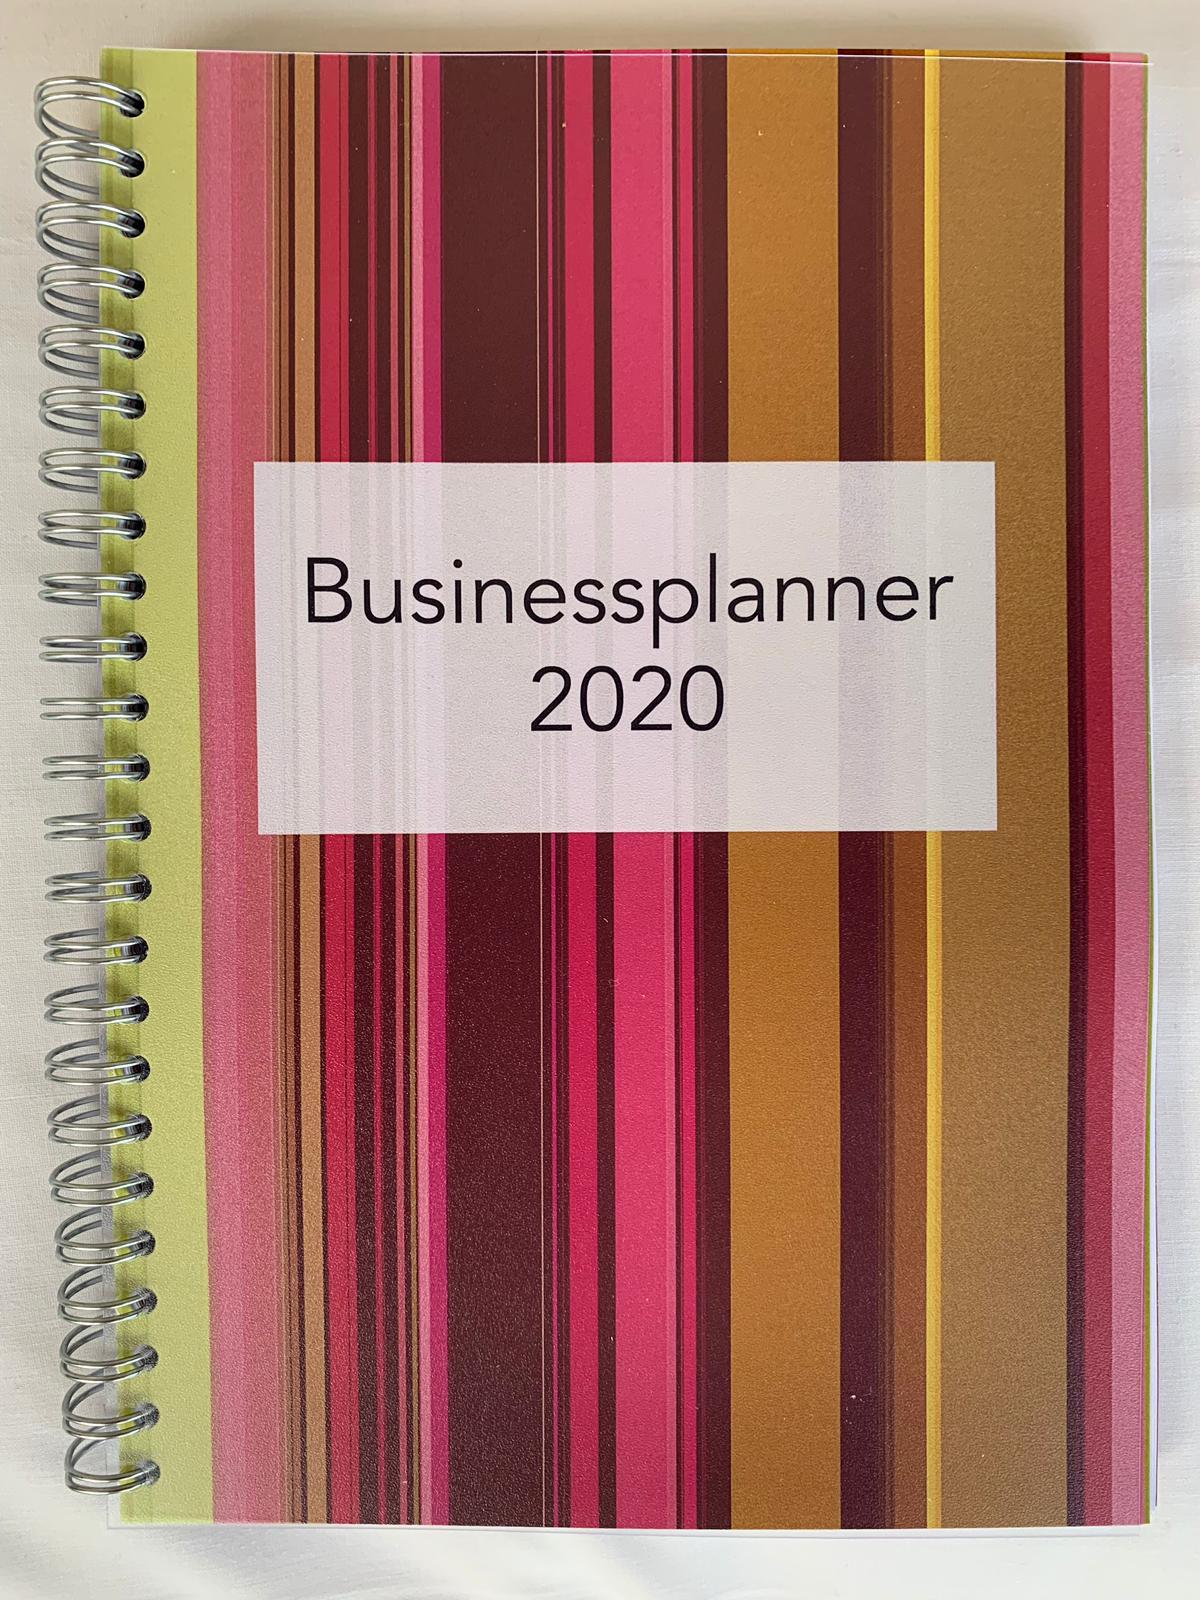 Businessplanner 2020